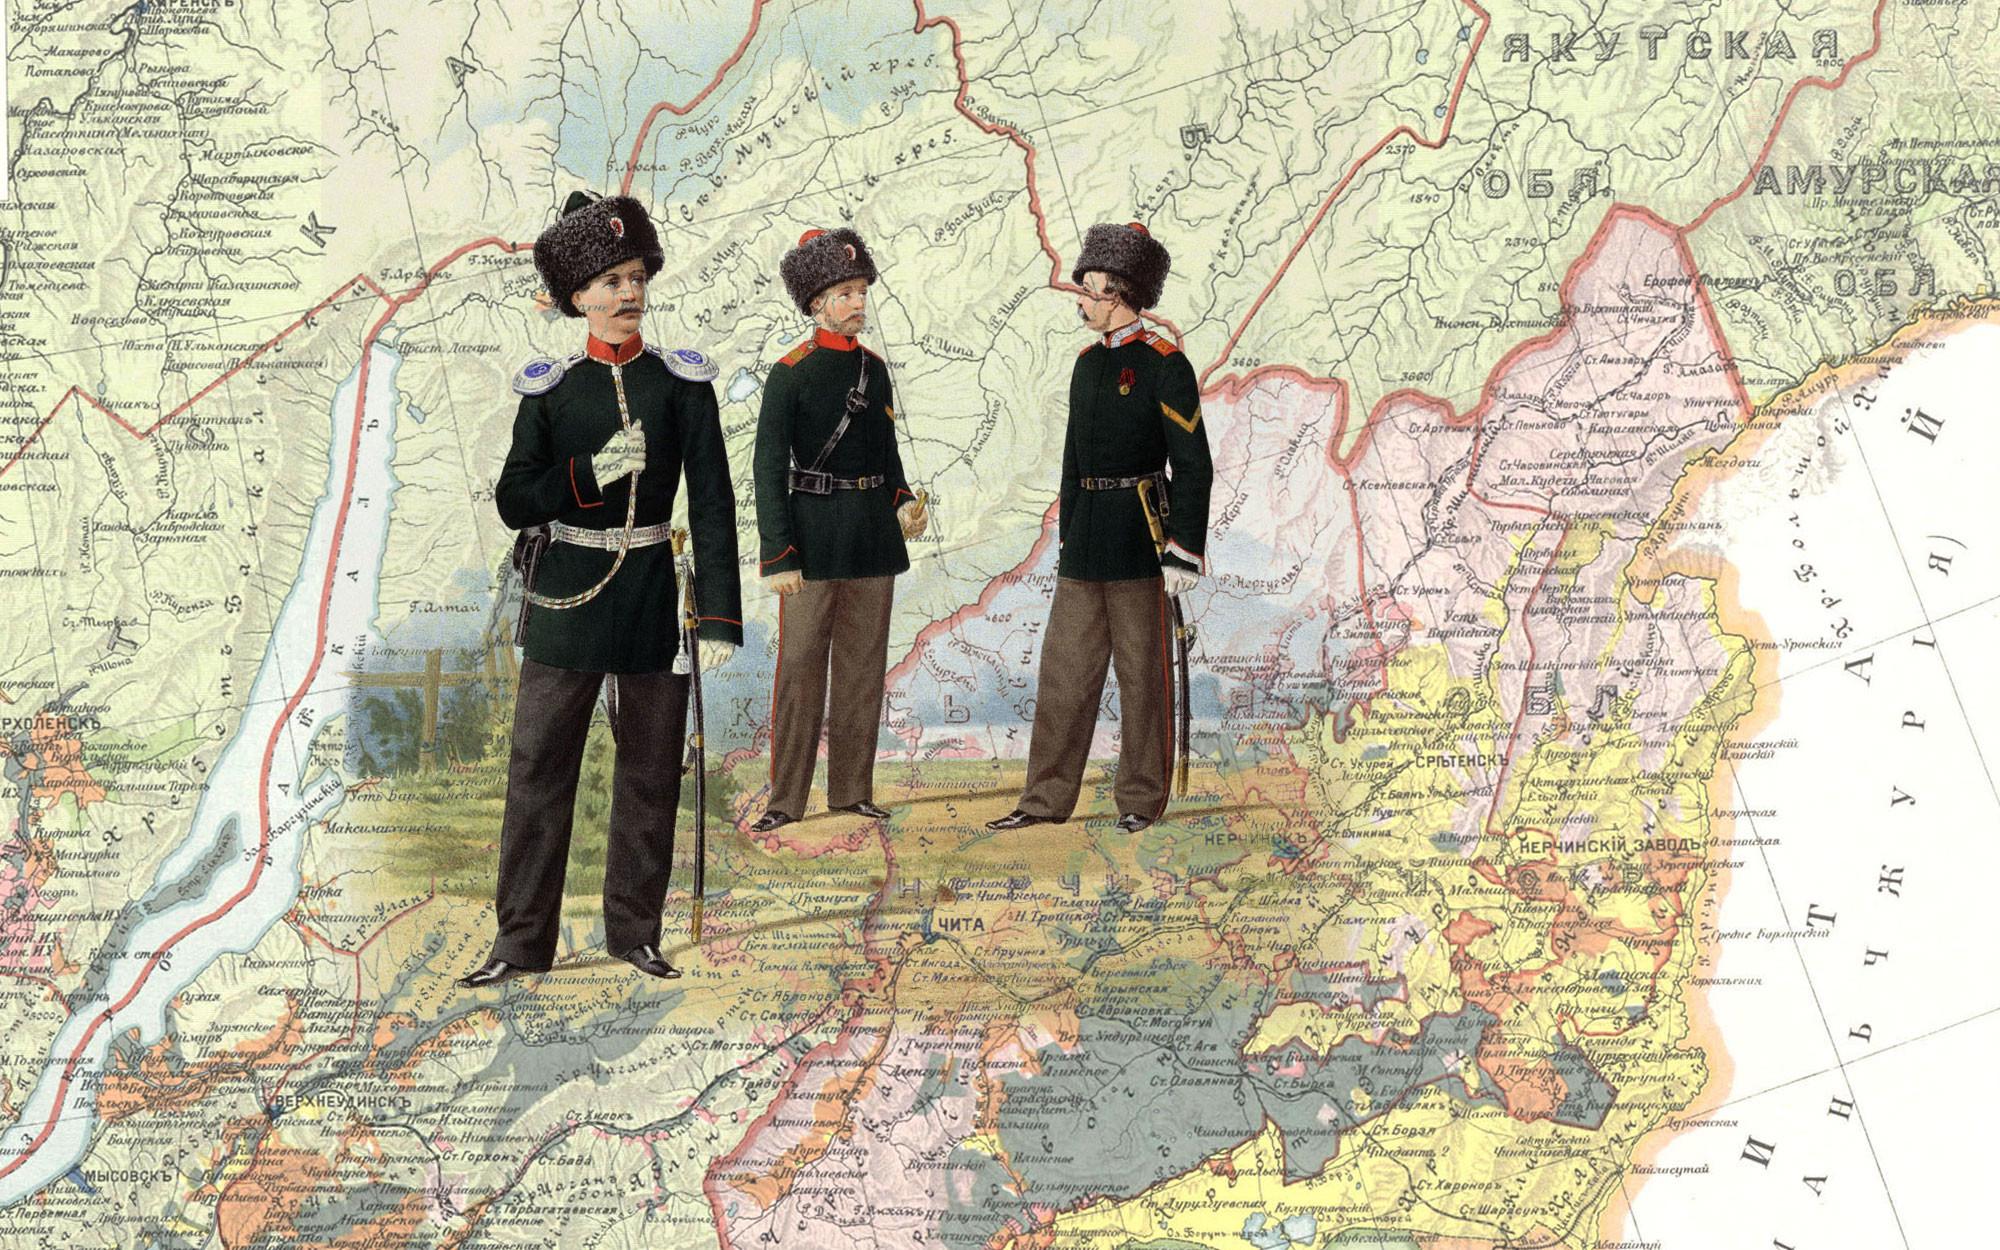 Пешие батальоны Забайкальского казачьего войска и конные: Иркутский и Енисейский казачьи полки, 1867 г. Коллаж © L!FE Фото: © Wikipedia.org